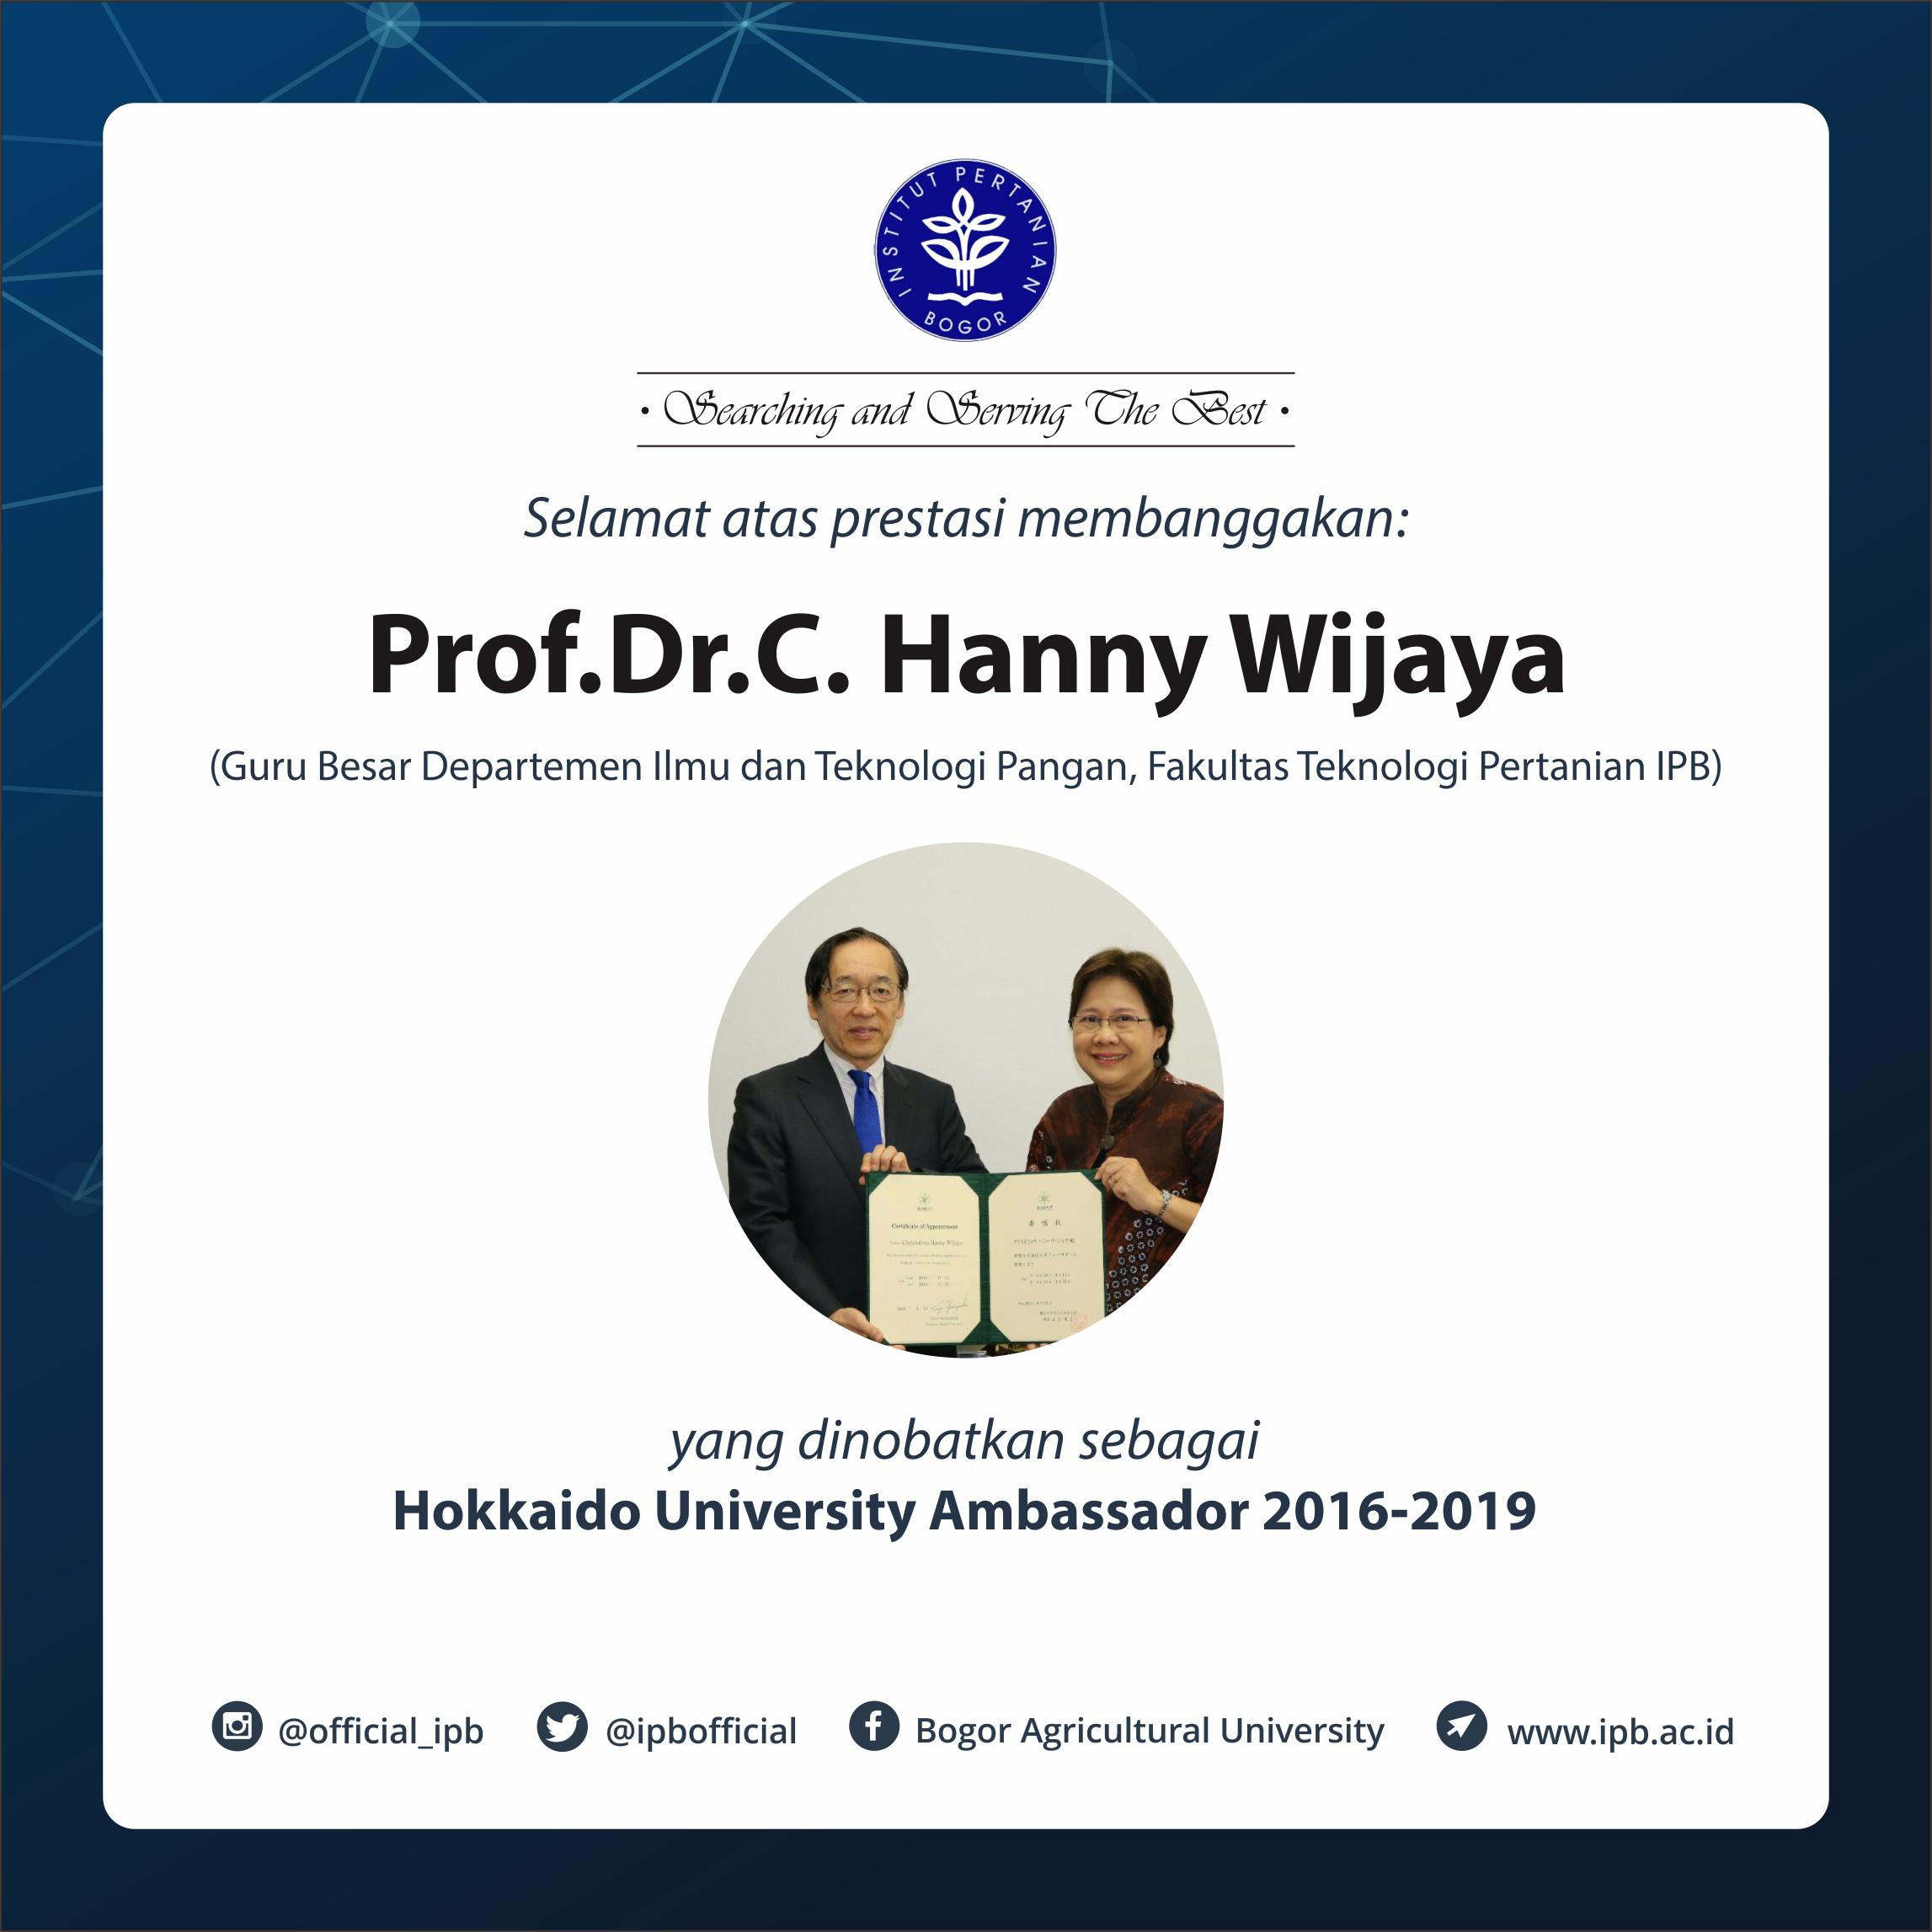 Selamat atas prestasi membanggakan Prof.Dr.C. Hanny Wijaya yang dinobatkan sebagai Hokkaido University Ambassador 2016-2019